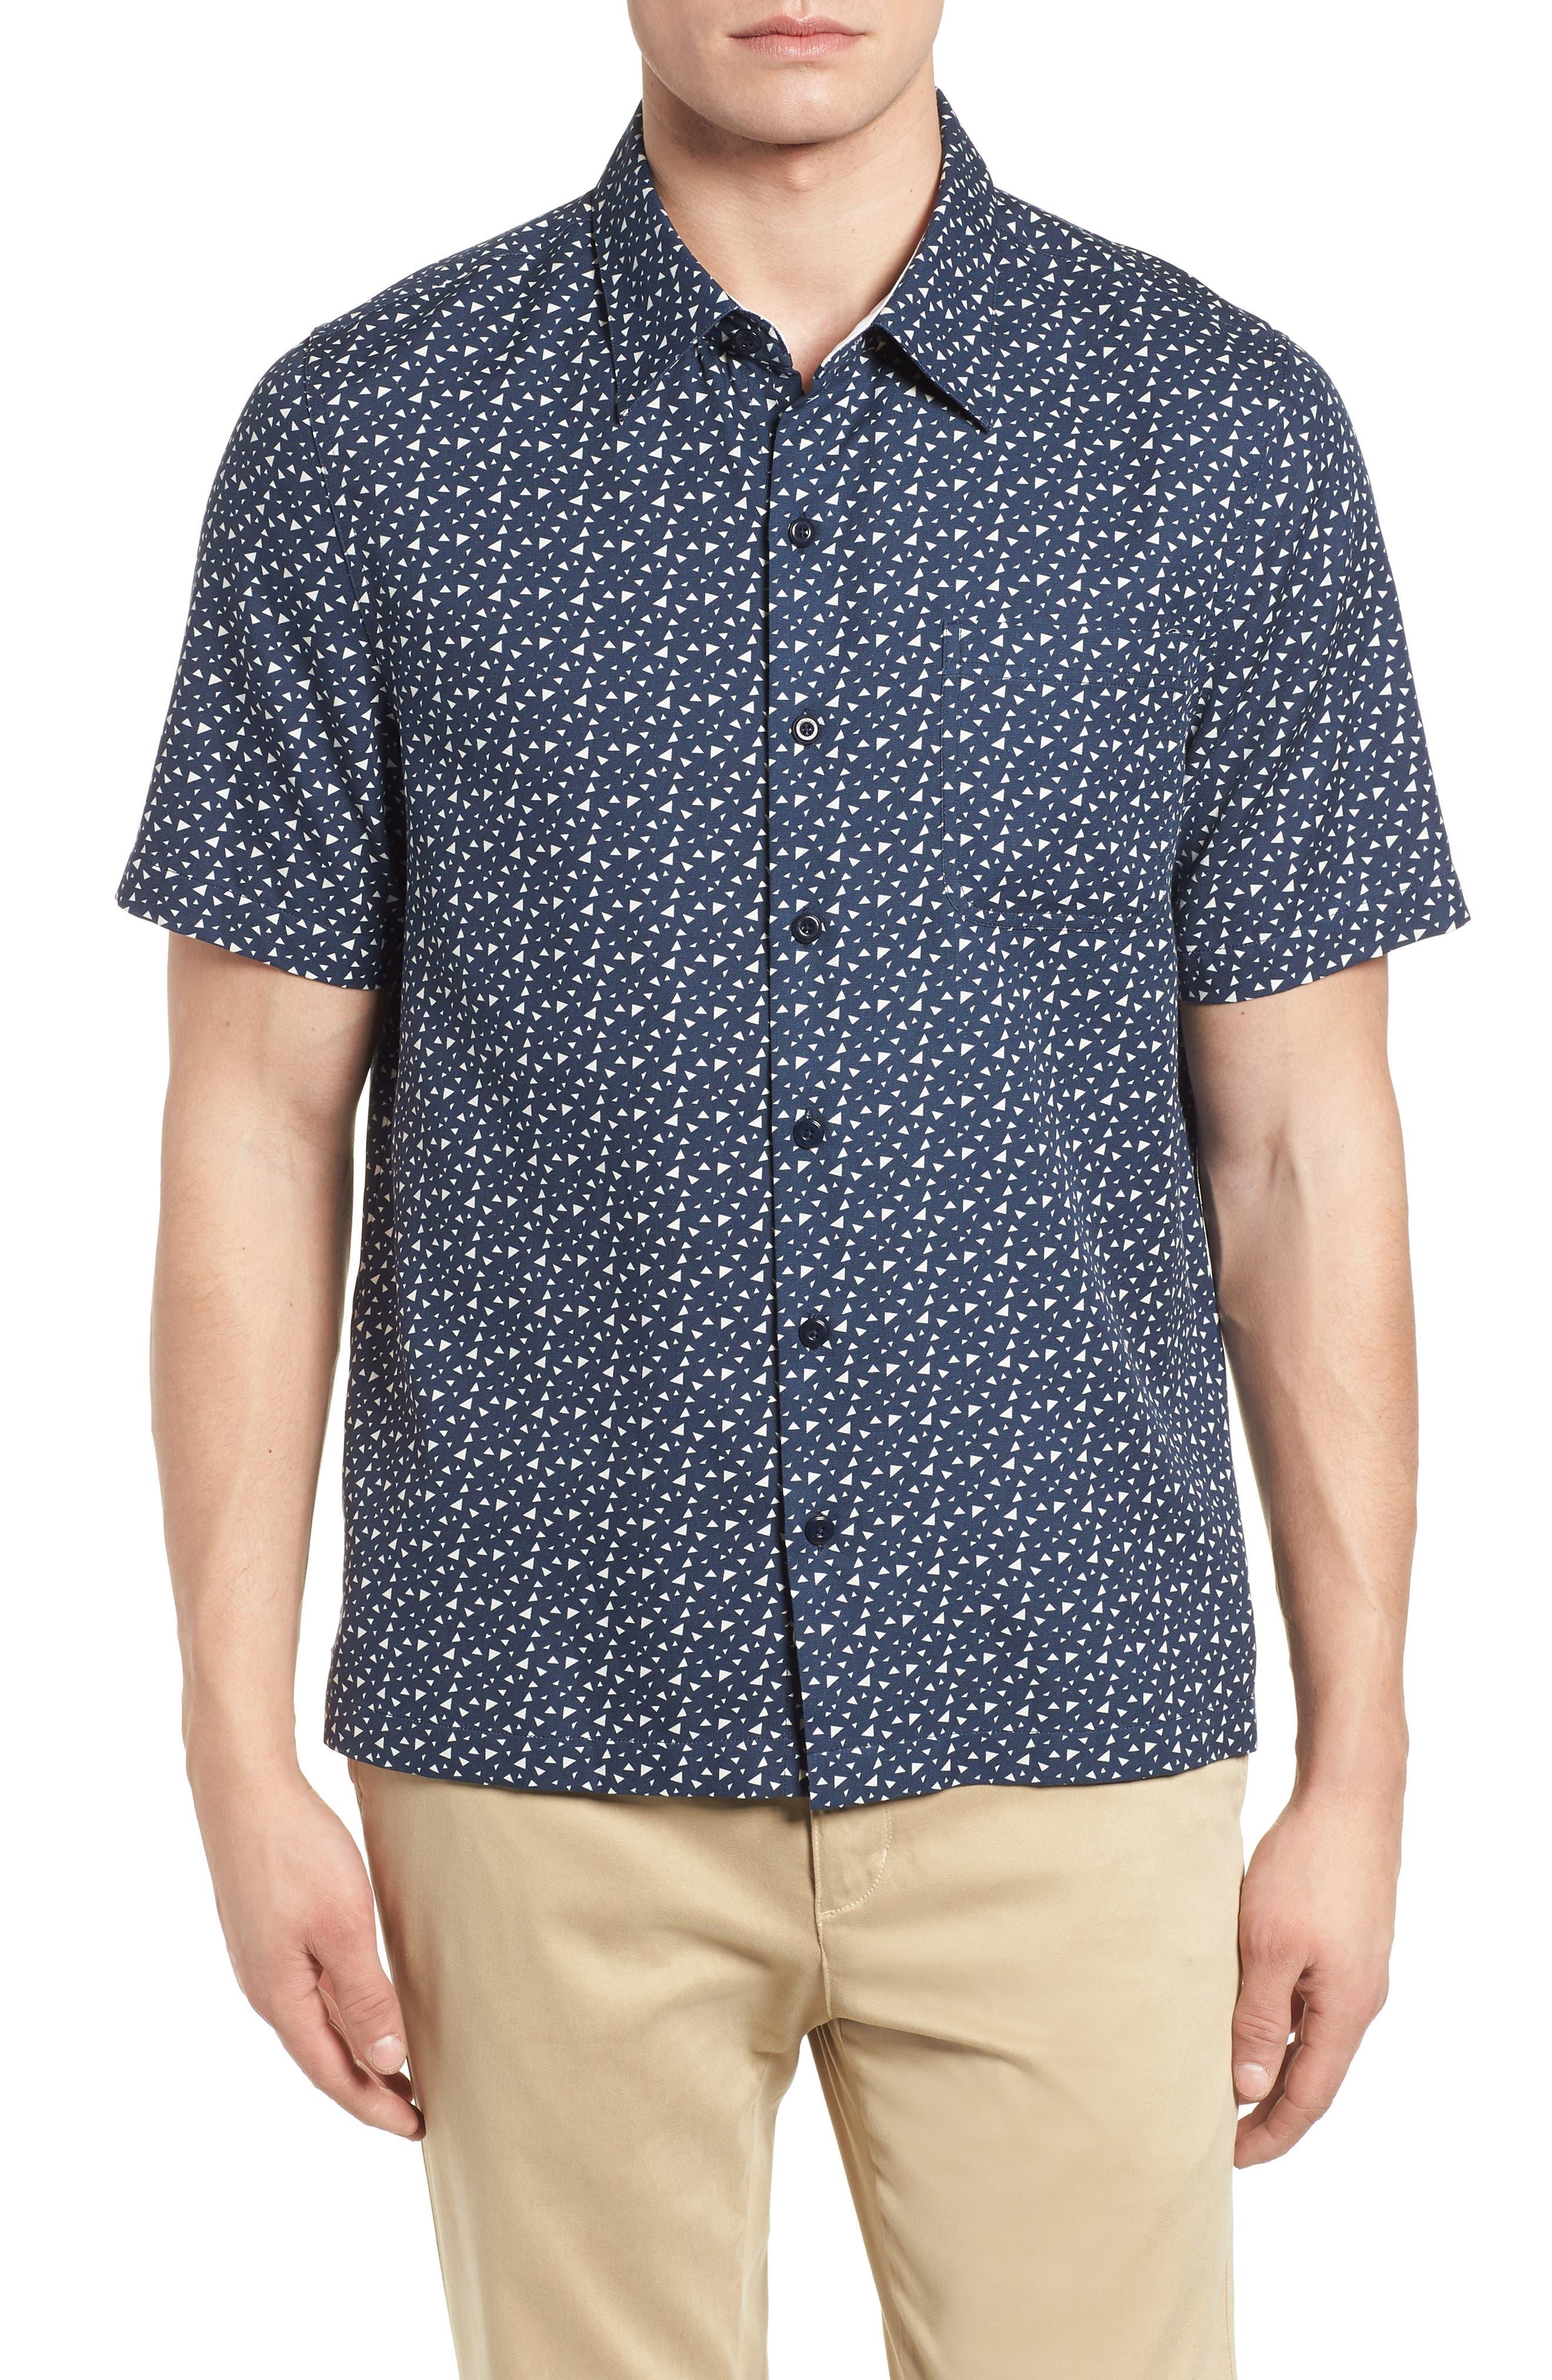 Bermuda Triangle Camp Shirt,                             Main thumbnail 1, color,                             Nat Blue